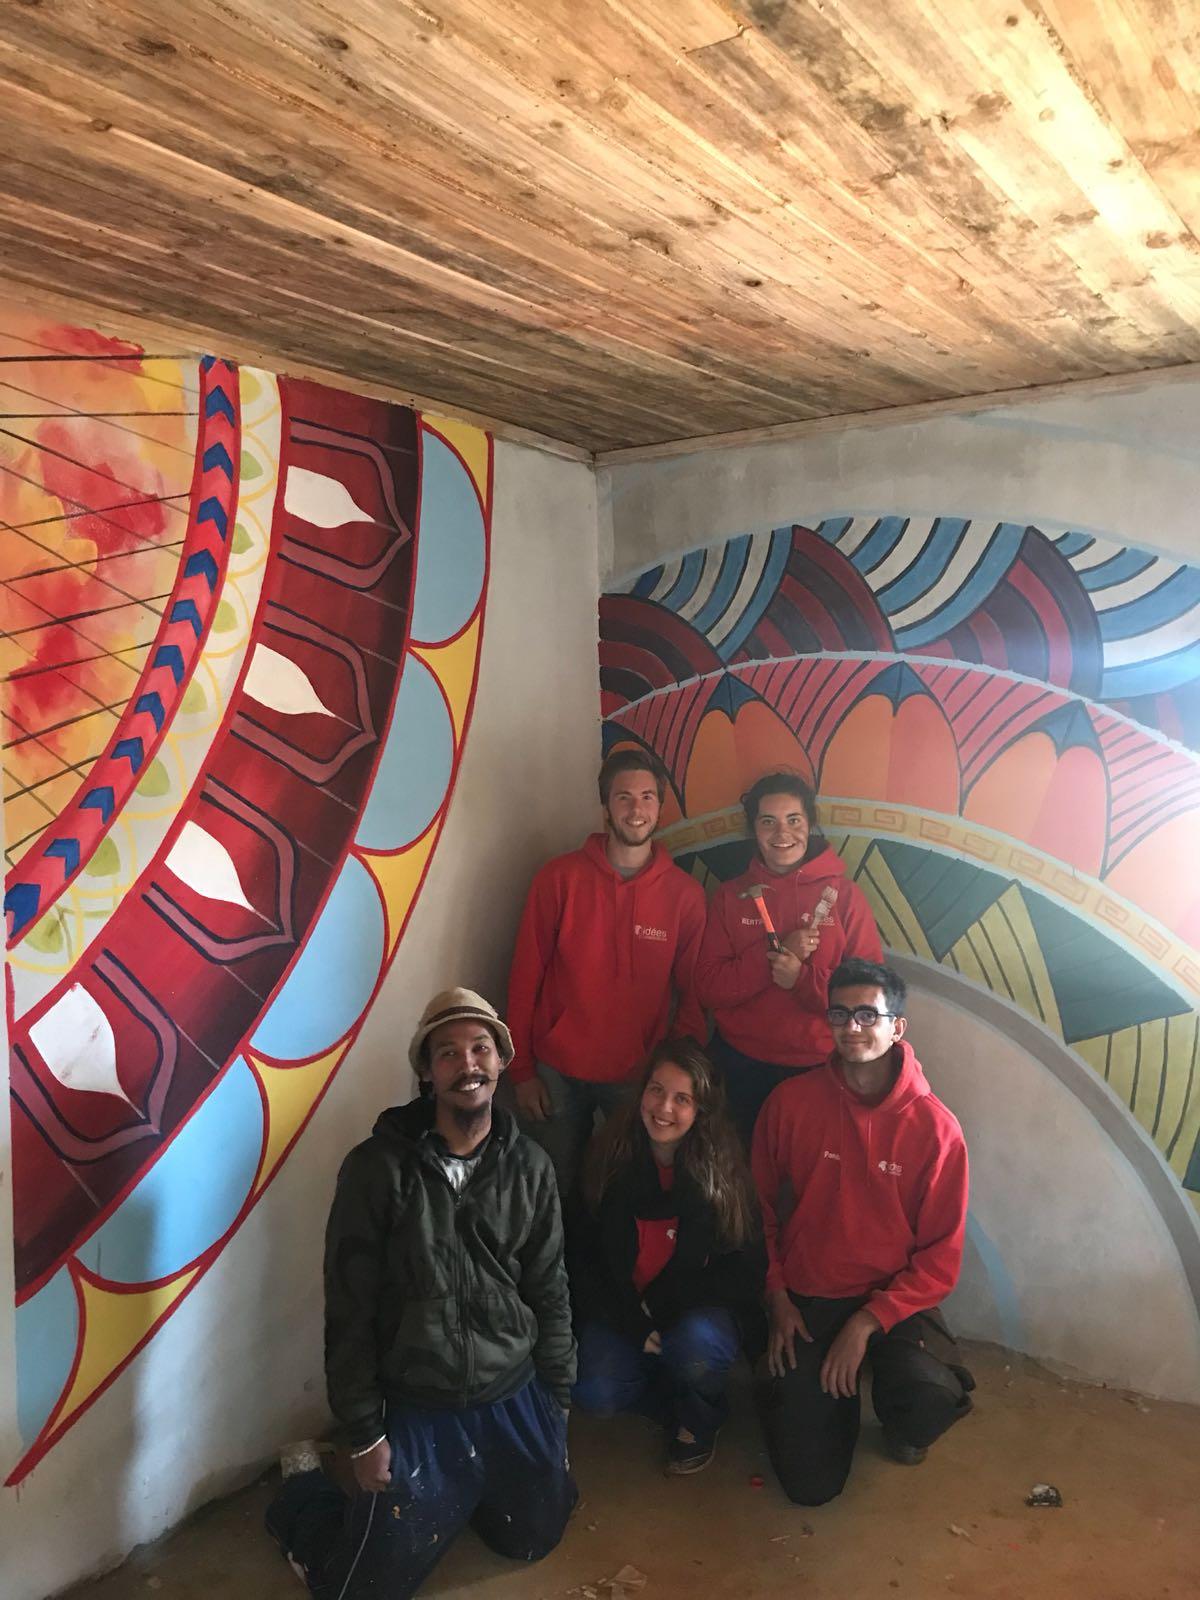 Peinture d'une des classes de l'école construite en 2017 et peinte en 2018.